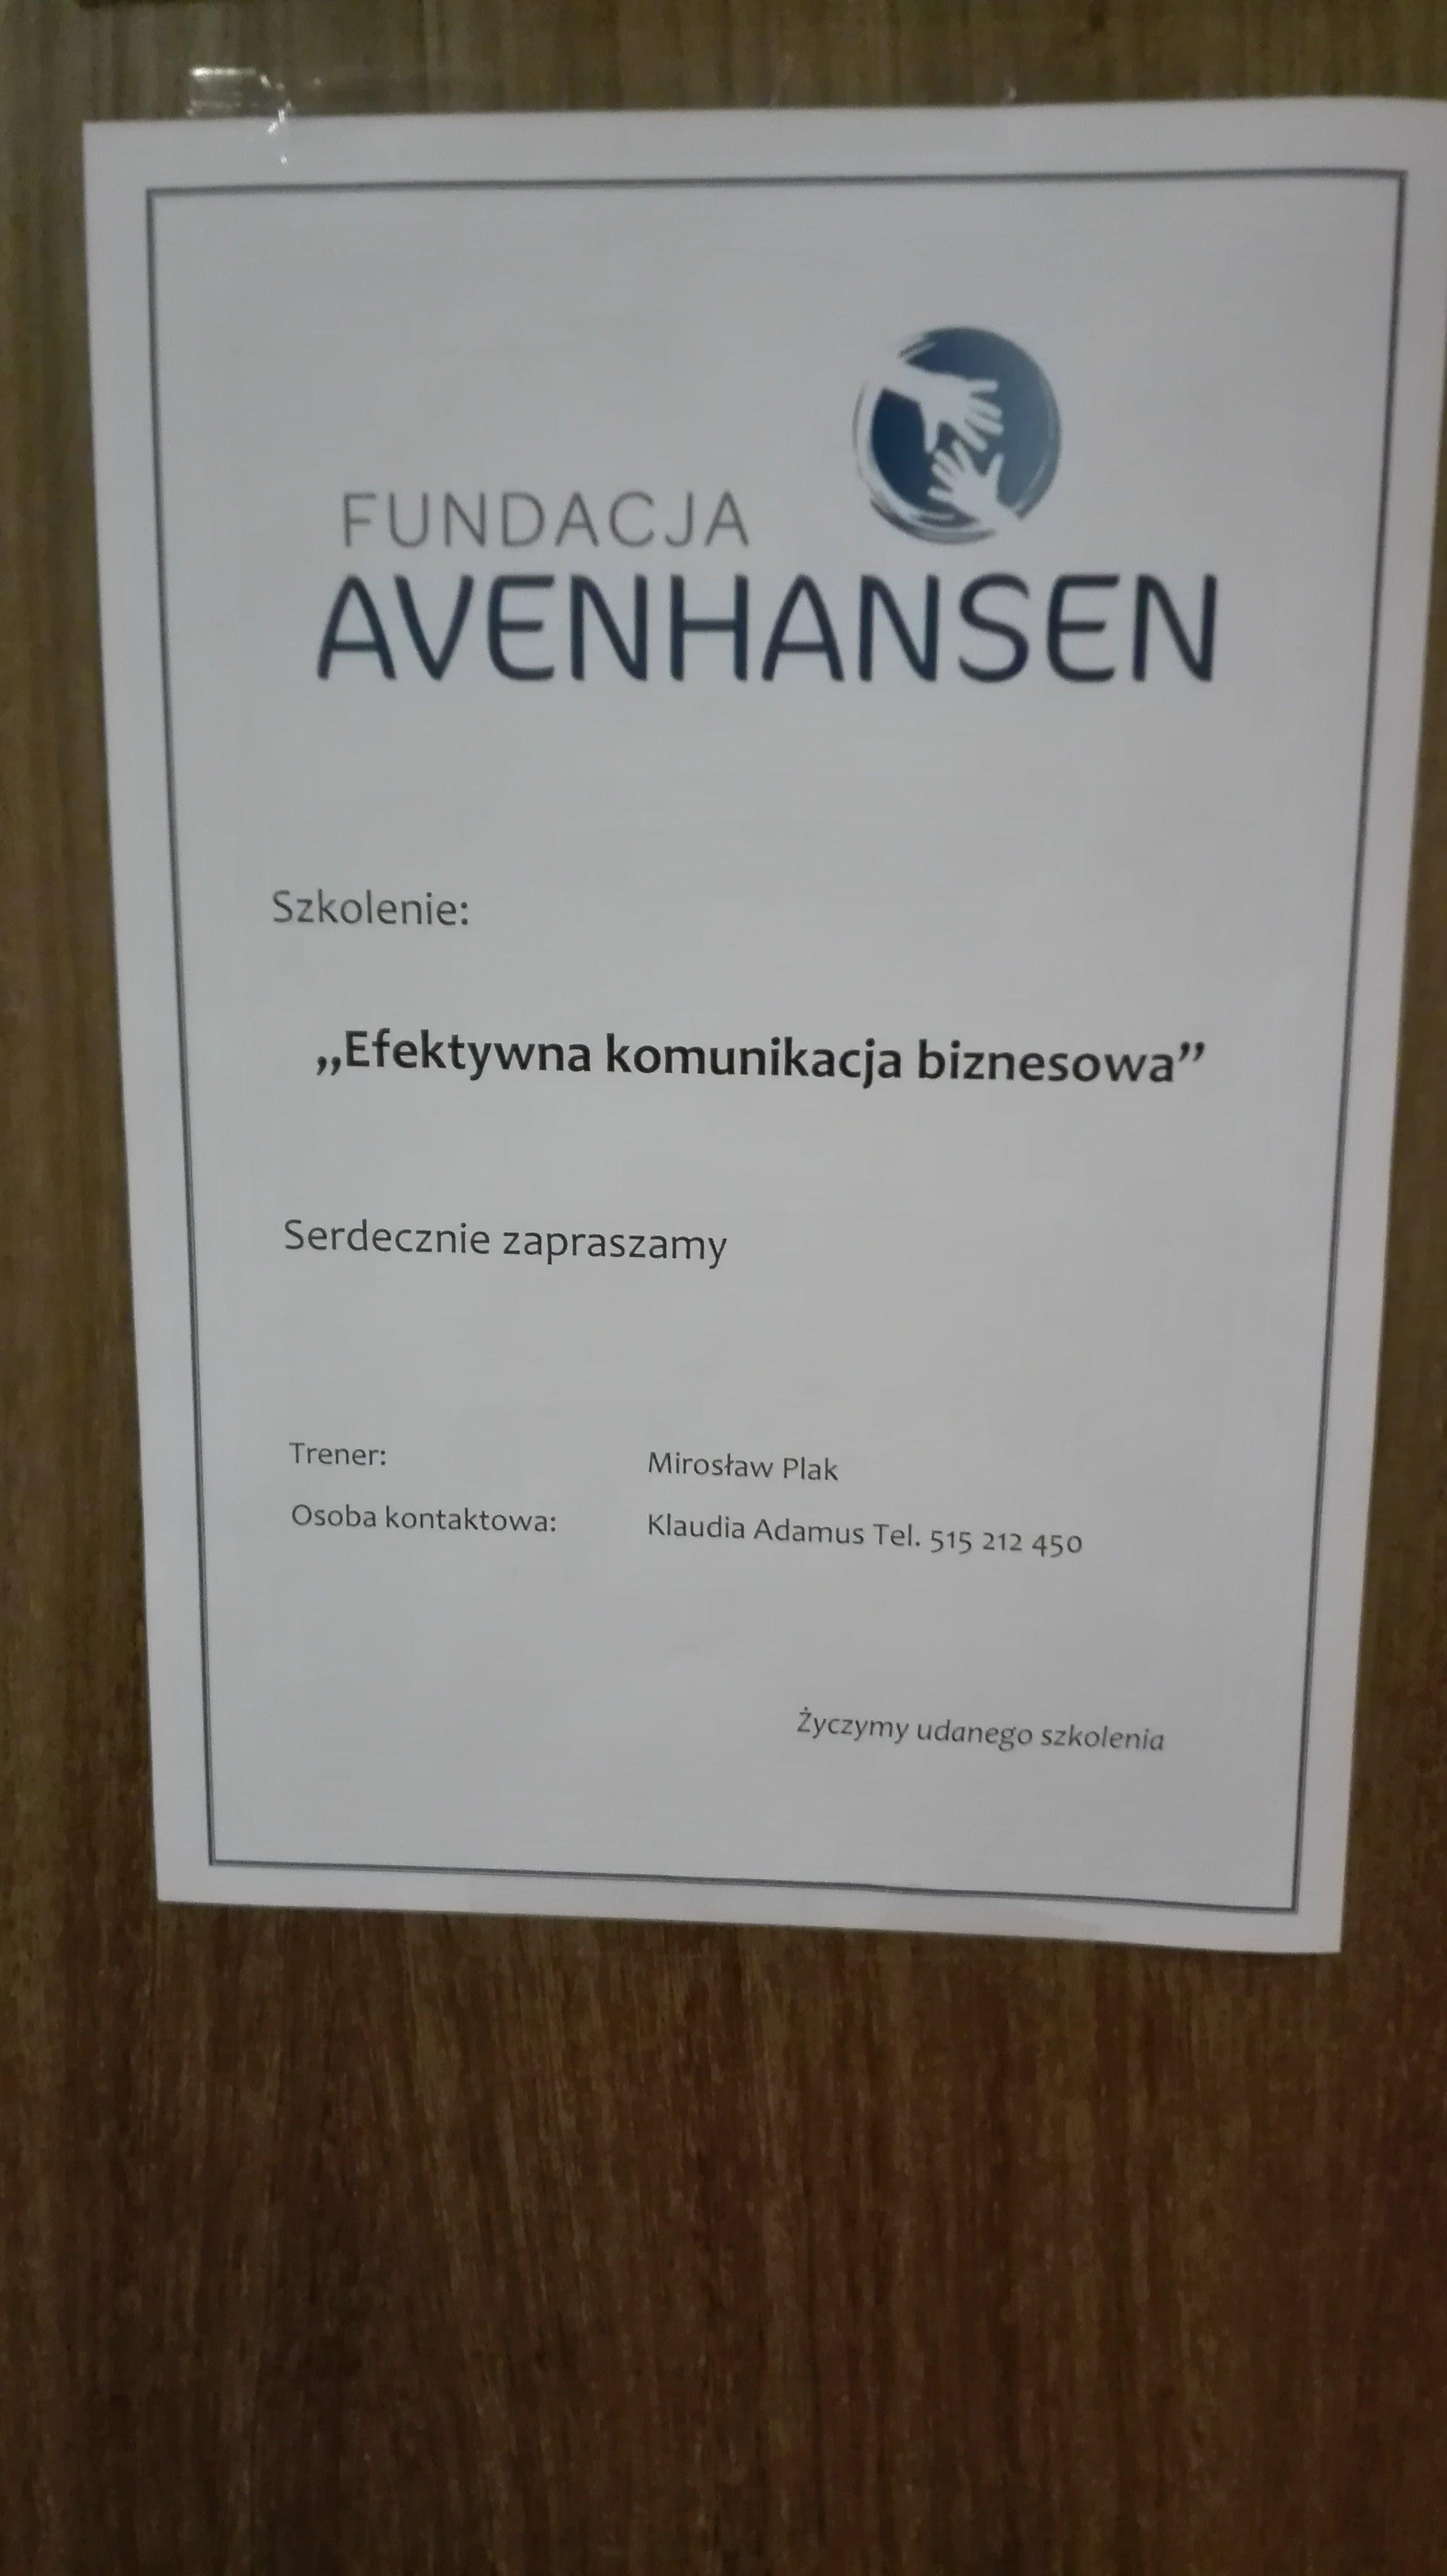 Fundacja AVENHANSEN Szkolenie 20 11 29 03